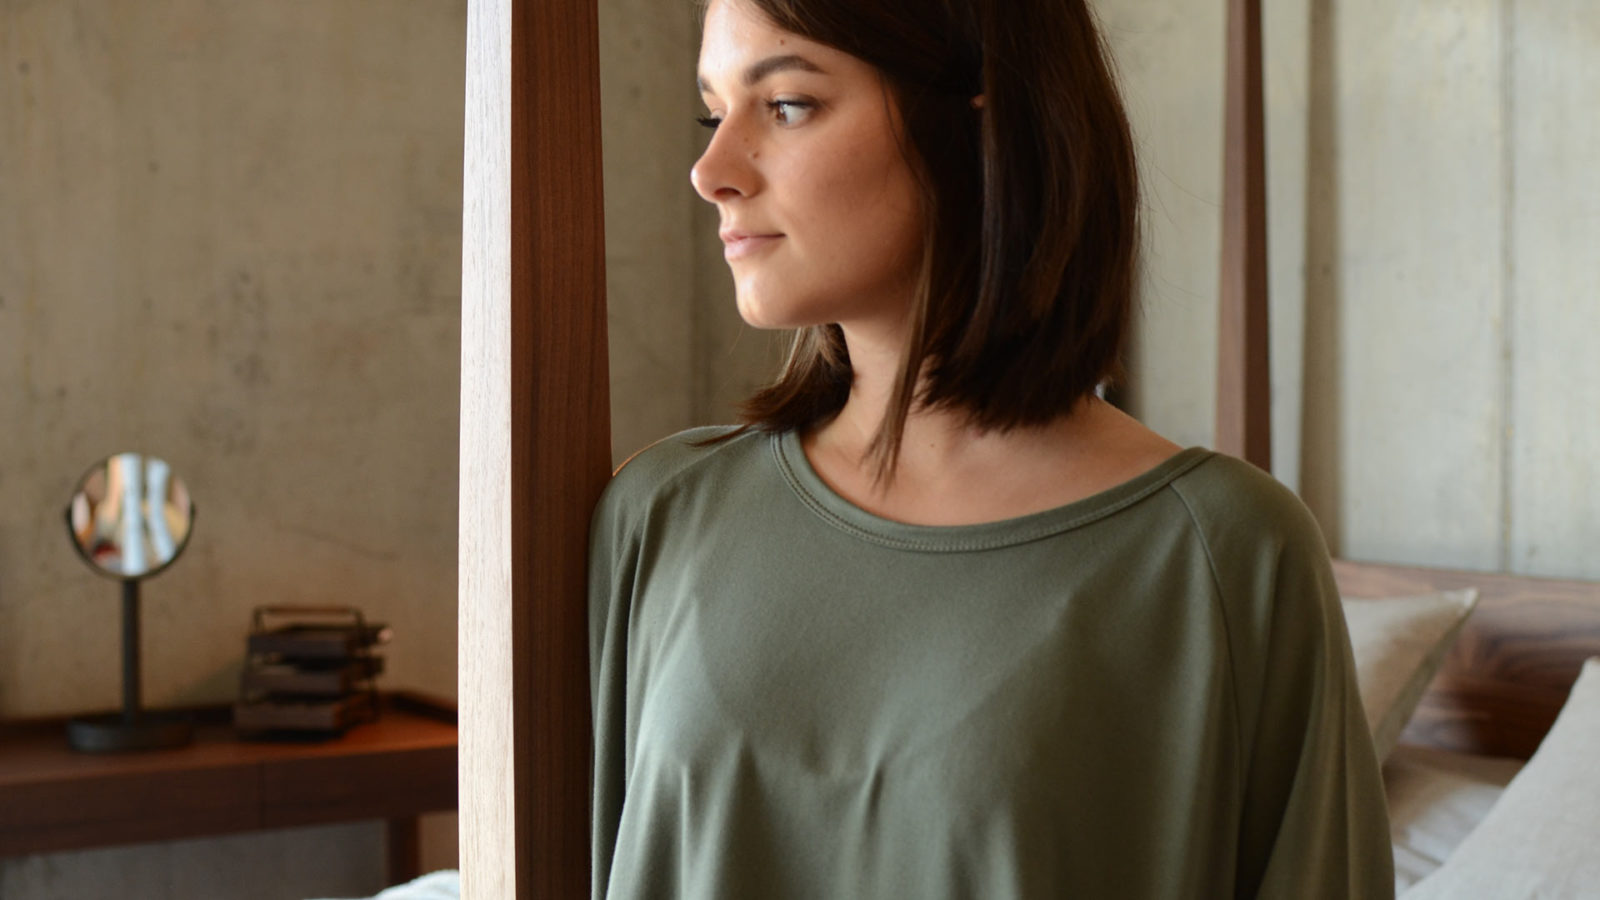 khaki-lounge-wear-slouch-dress-neckline